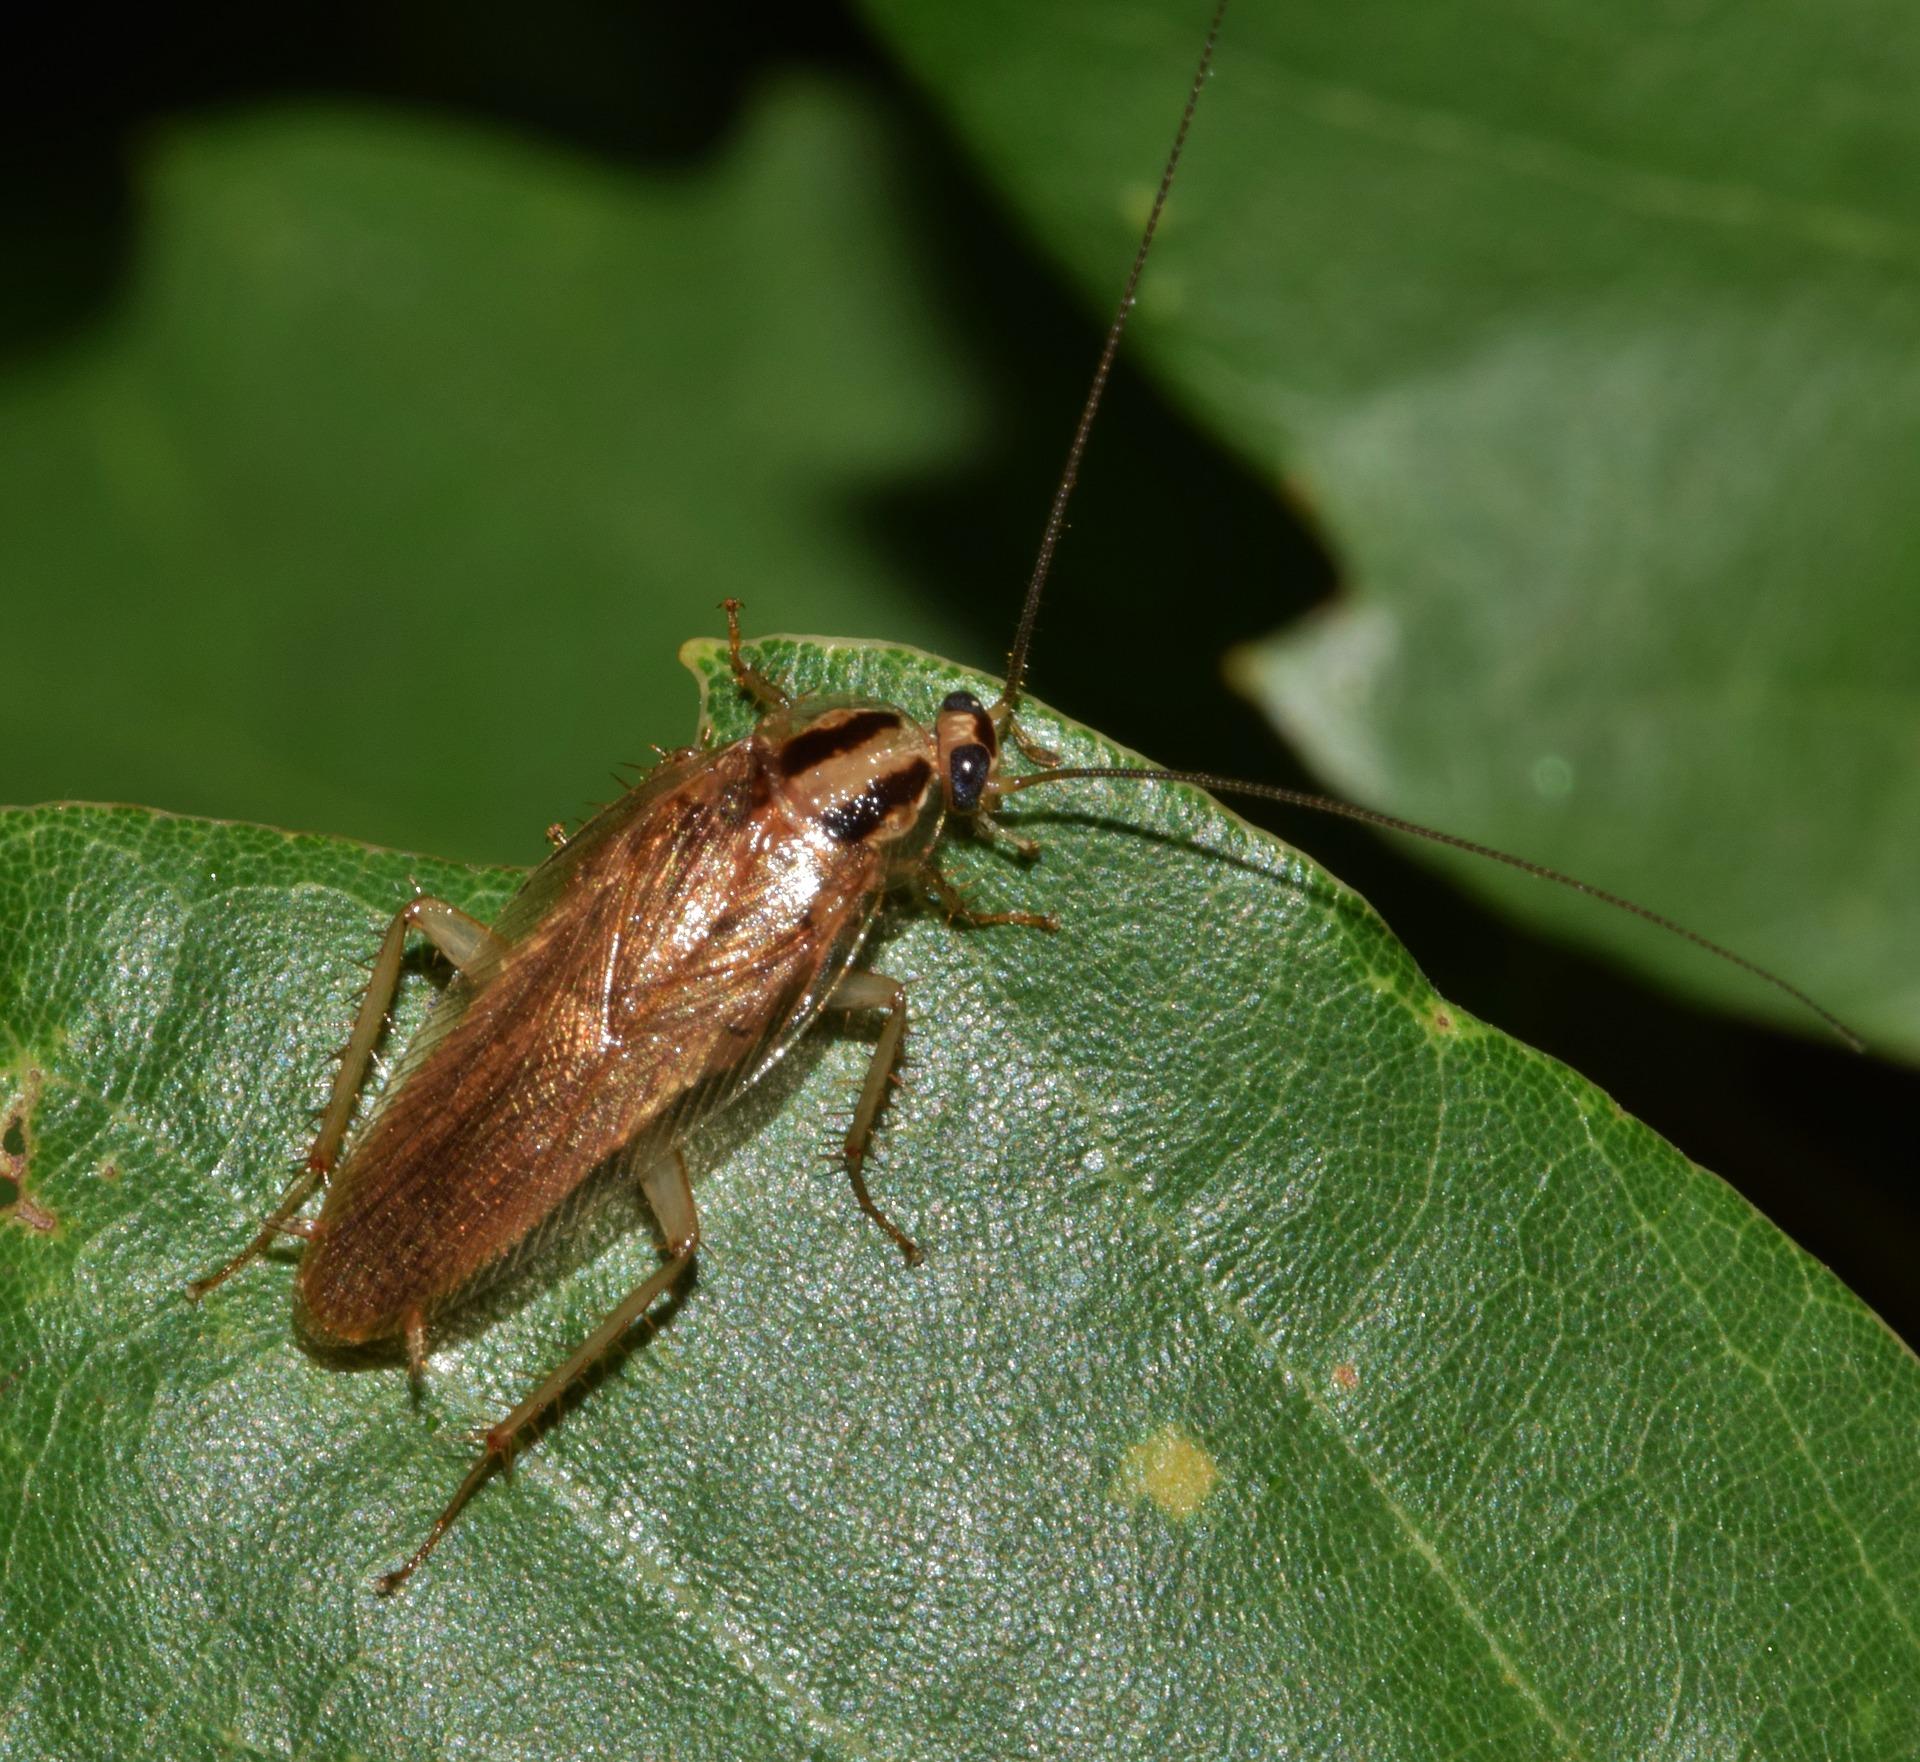 German Cockroach on a Green Leaf